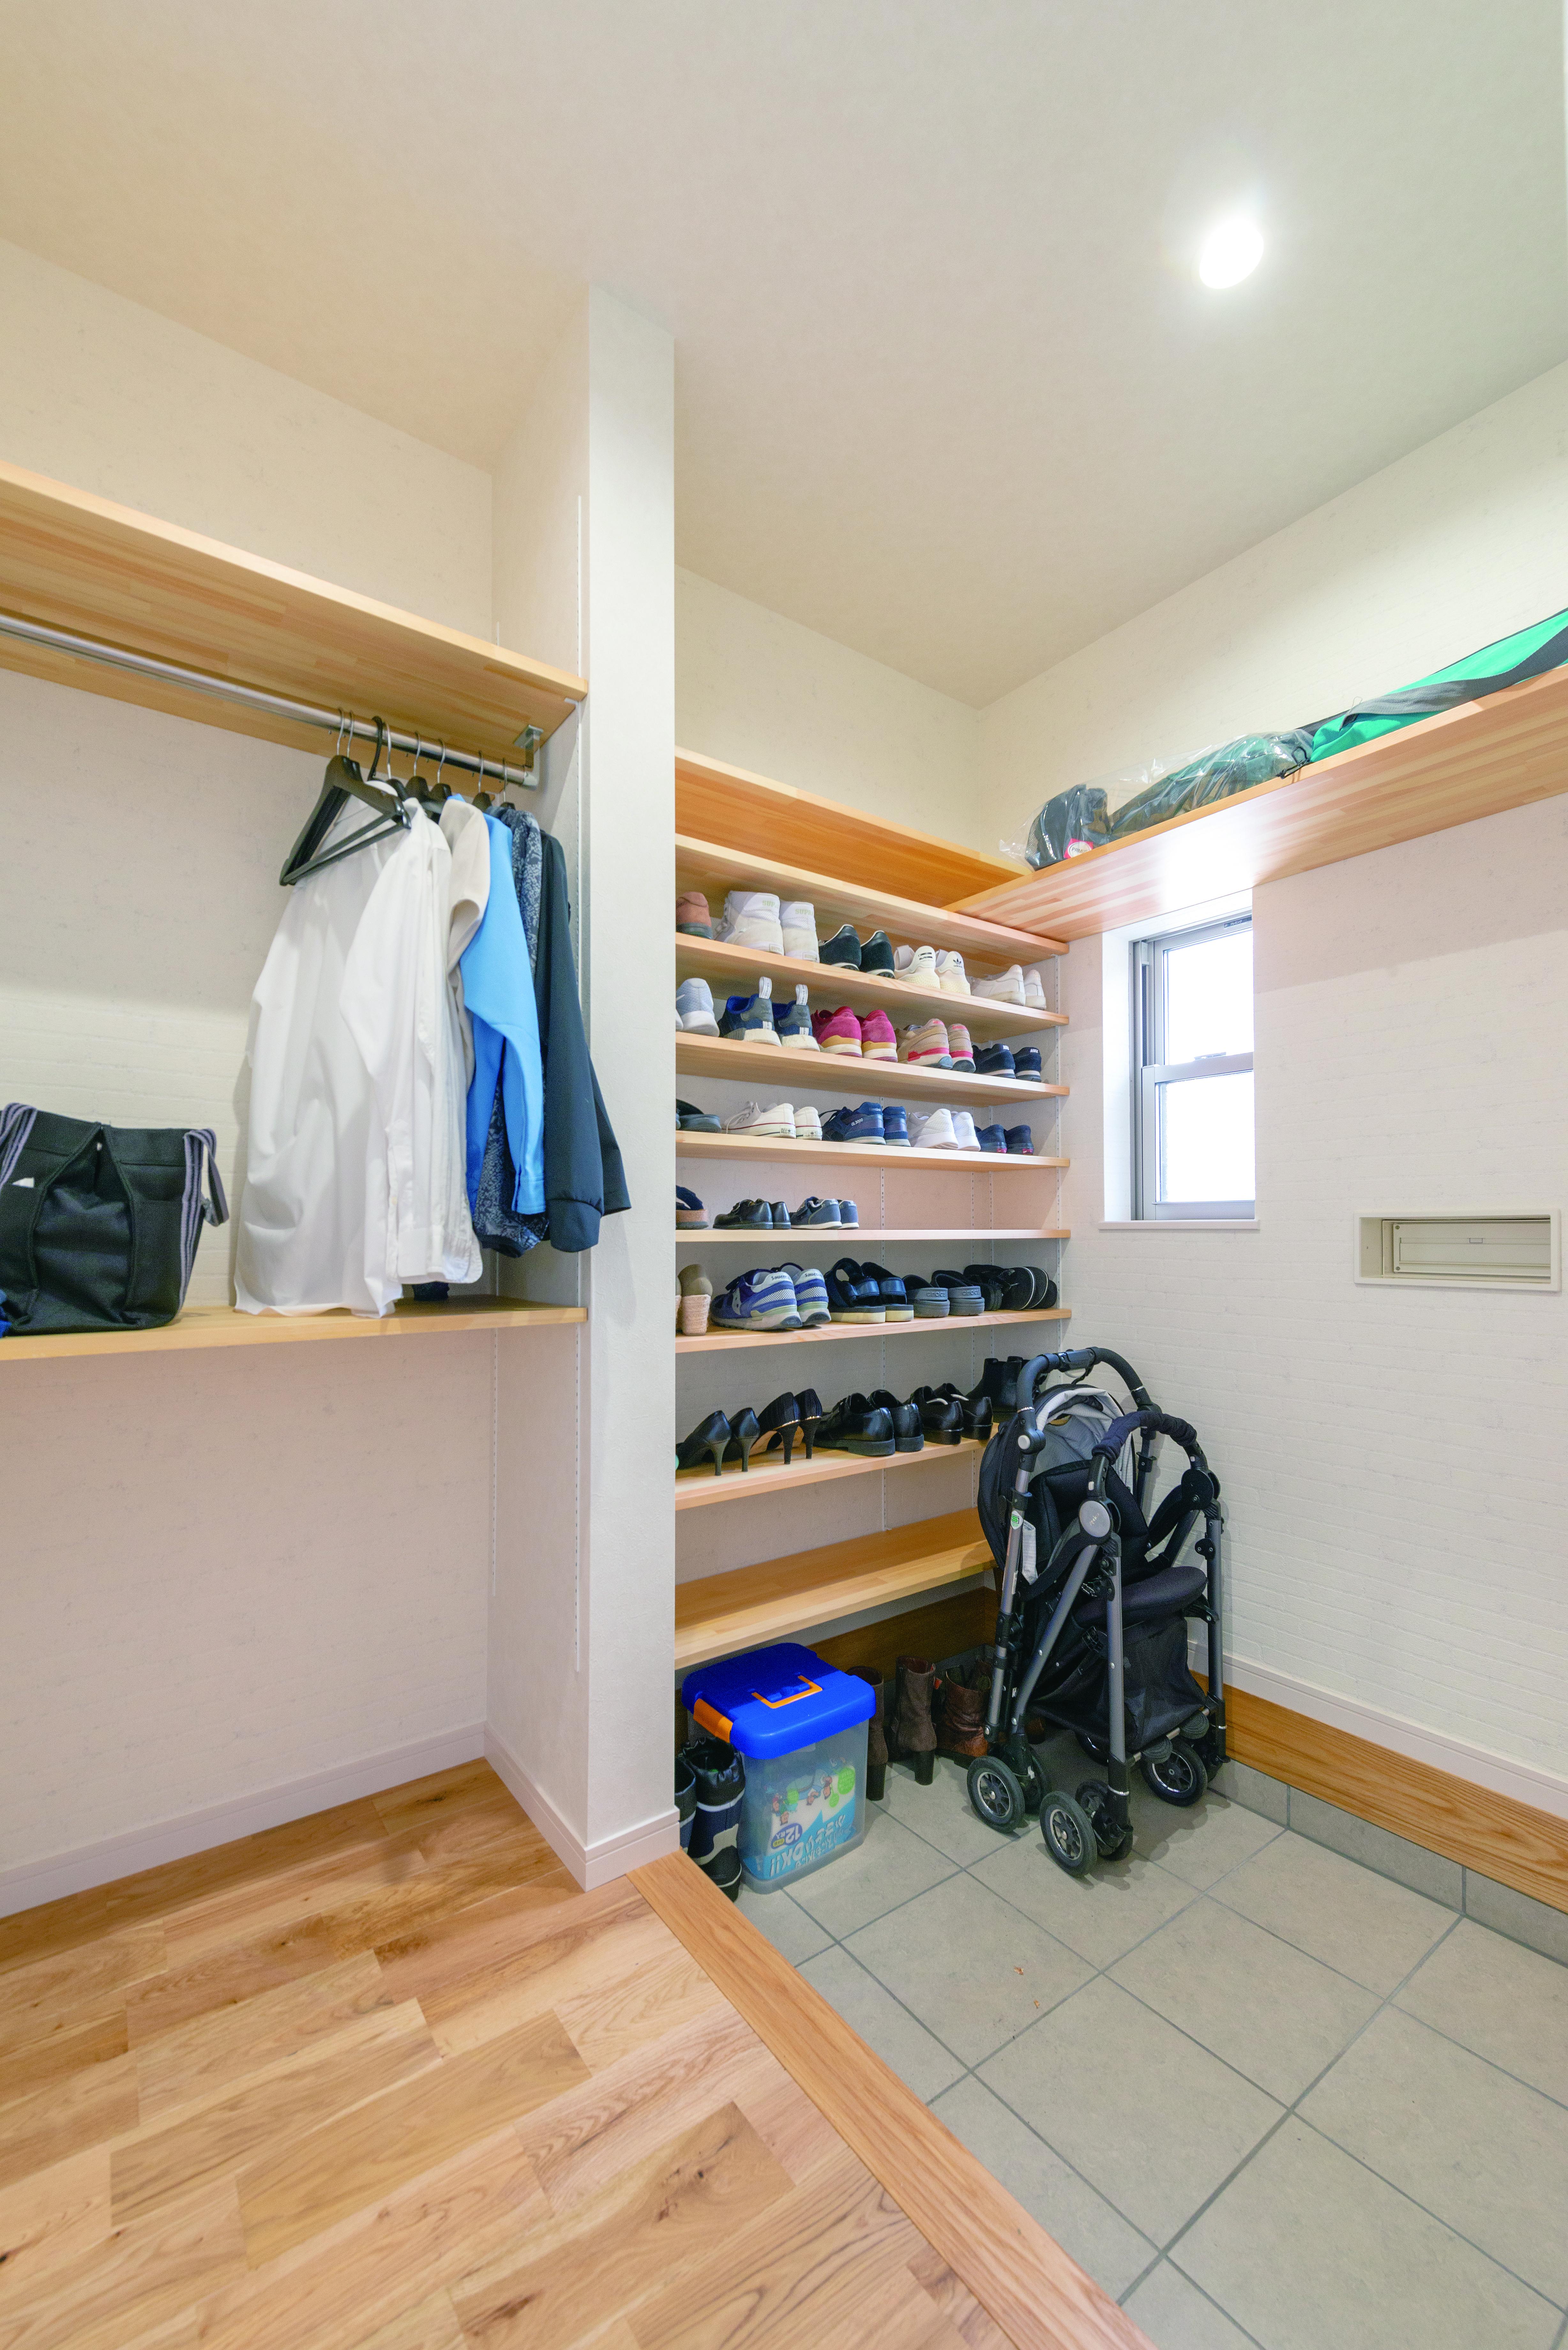 タツミハウジング【デザイン住宅、子育て、間取り】シューズクロークの隣にはハンガー掛けを確保。こうして随所にアイデア収納を設け、コンパクトな空間を無駄なく活かしている